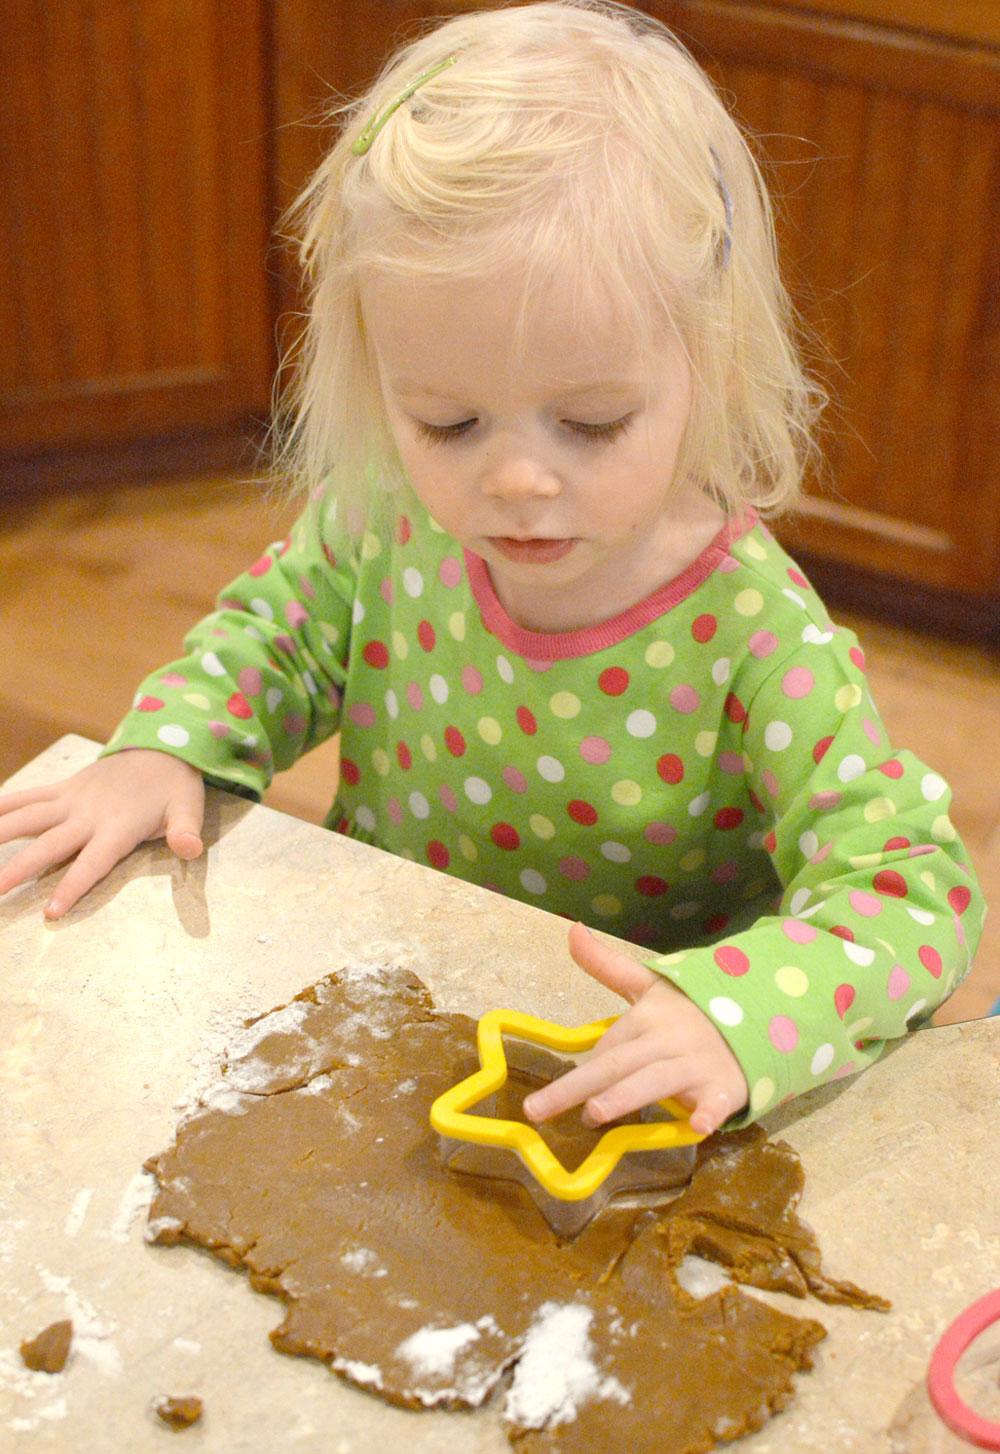 Cute little girl baking cookies wearing a Kelly's Kids dress